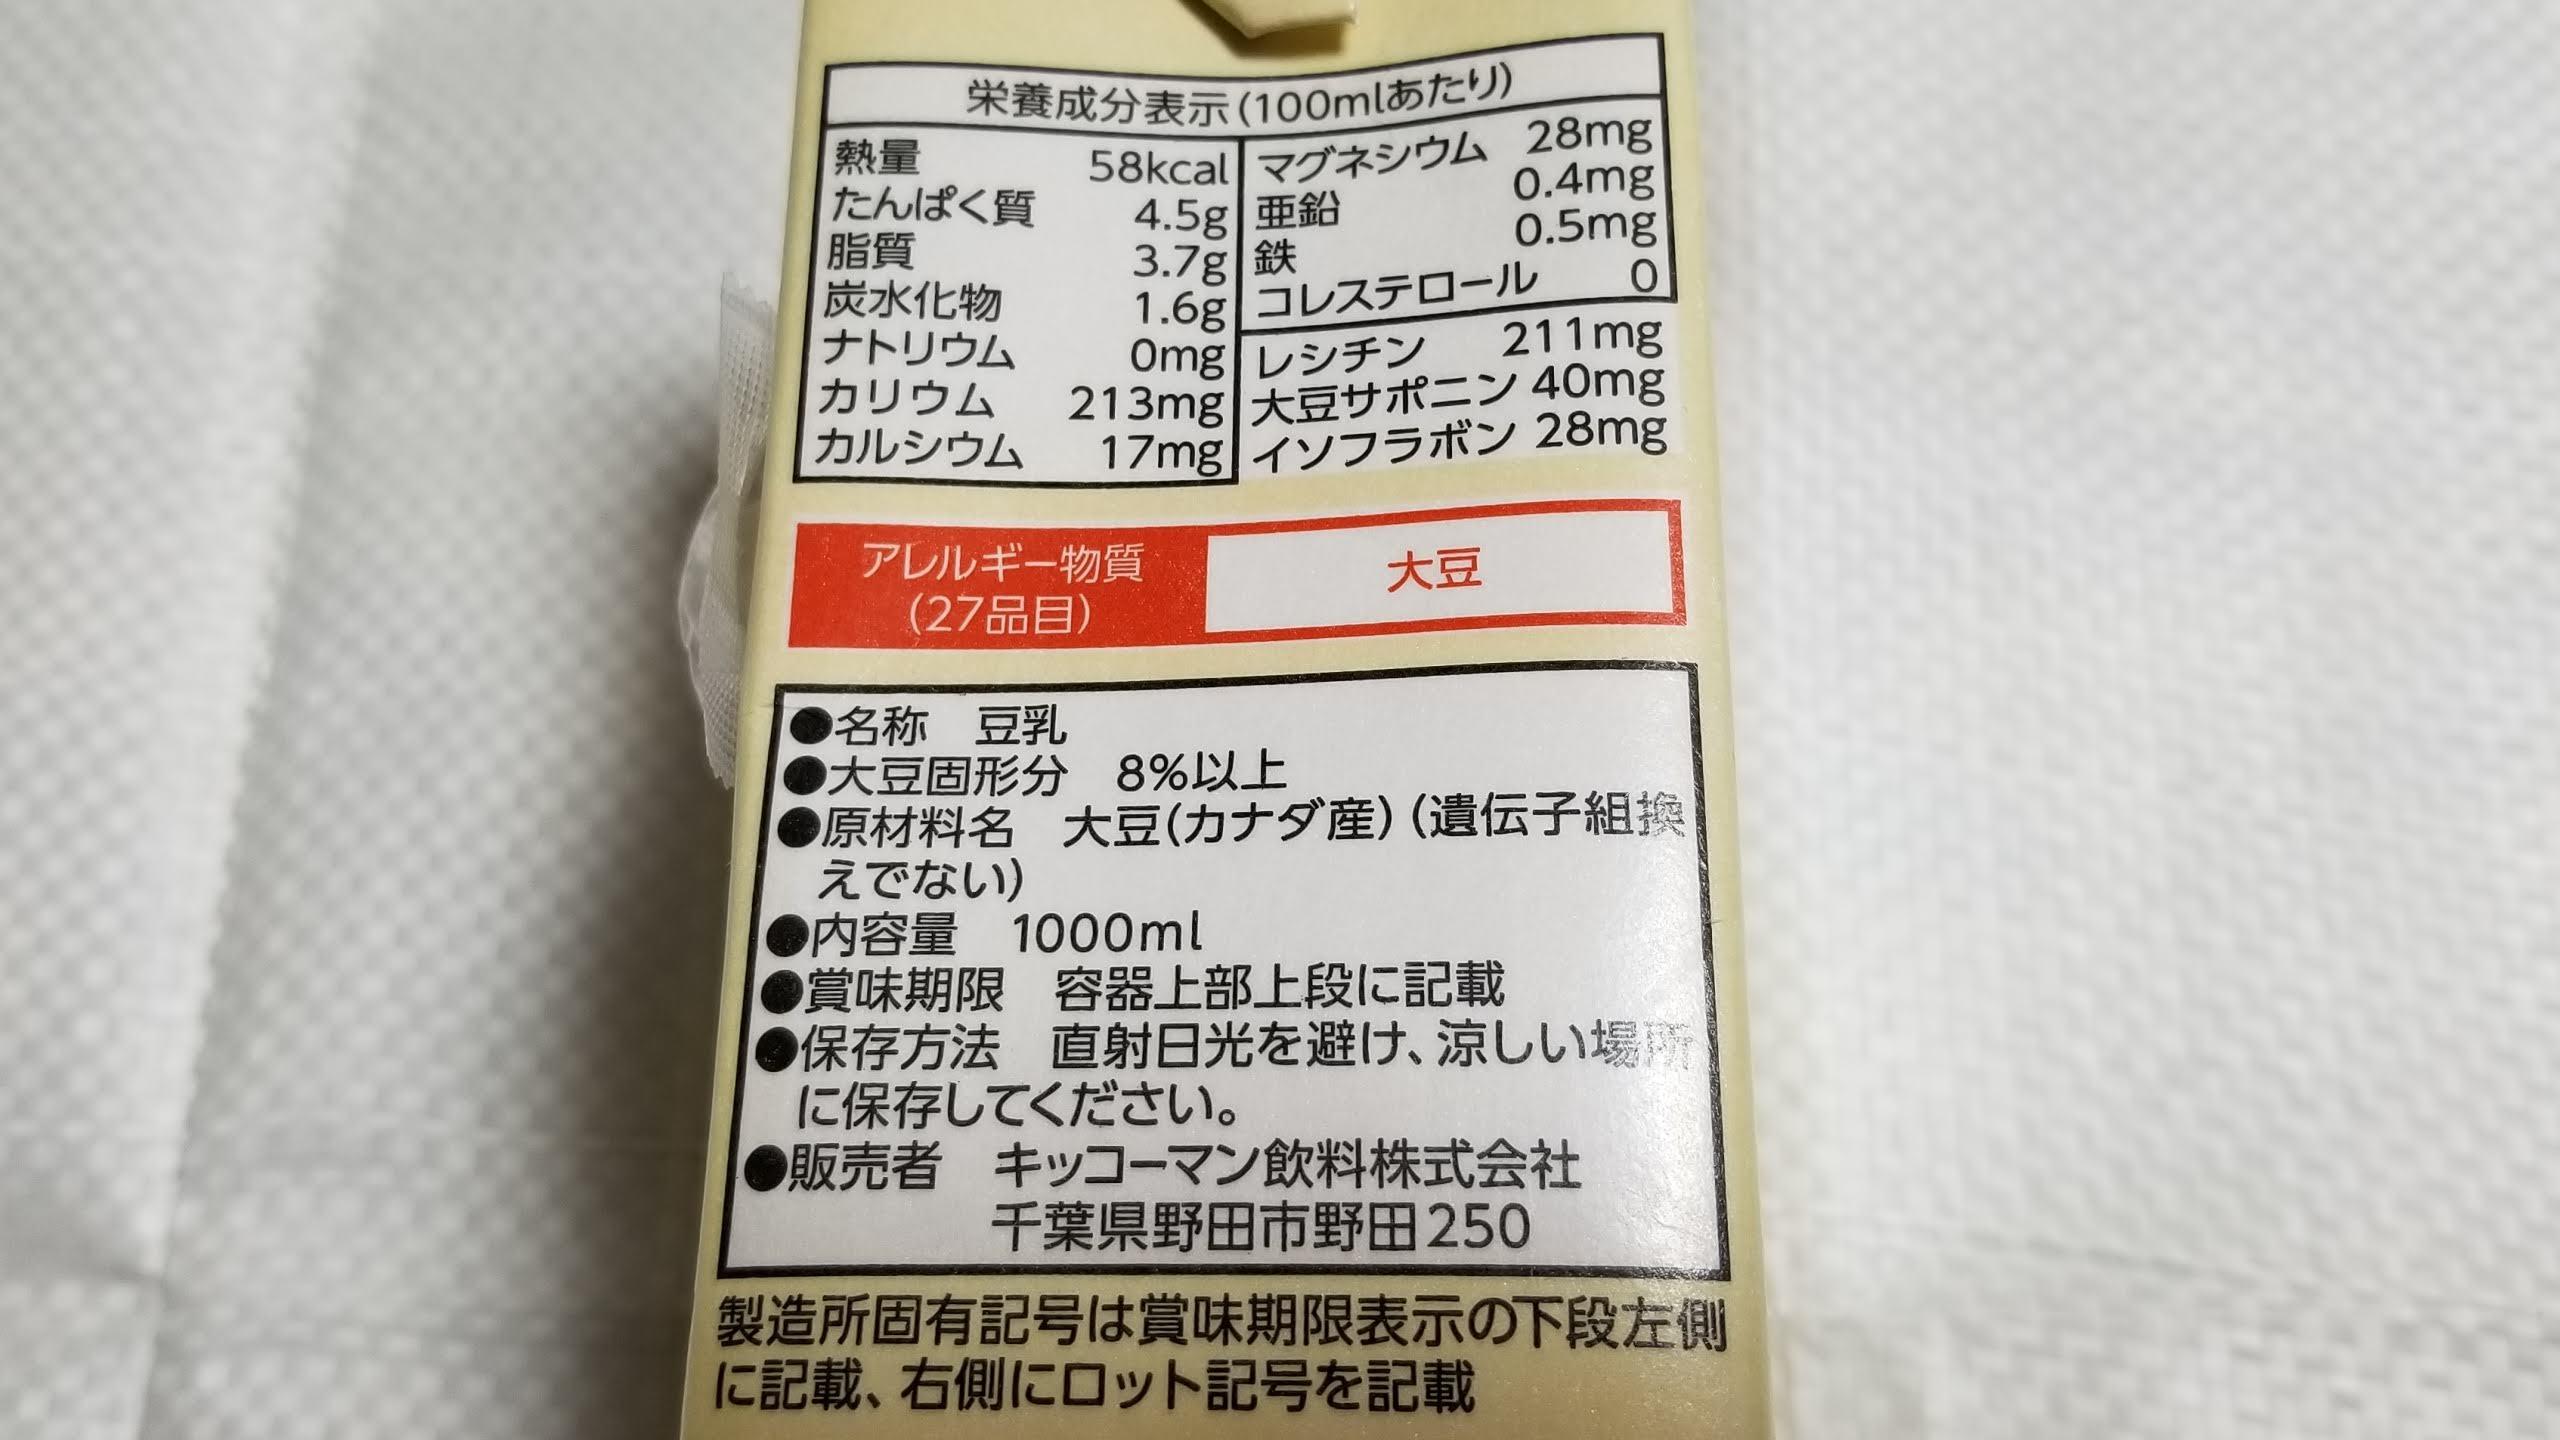 キッコーマン「おいしい無調整豆乳」_]20190112_204326